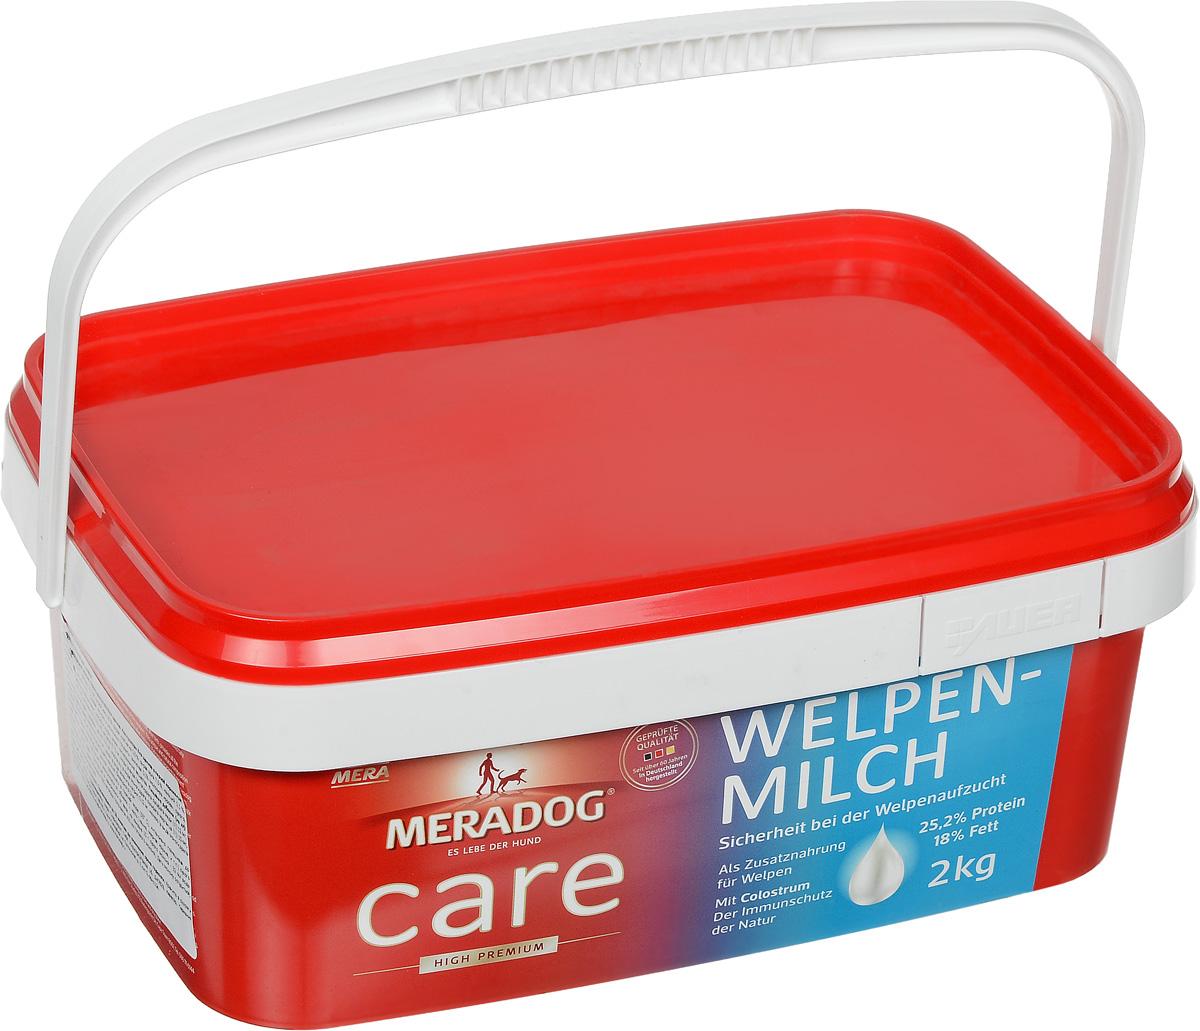 Молоко сухое для щенков Meradog Welpenmilch, 2 кг55030Молоко для щенков Meradog Welpenmilch - это высококачественный прикорм для щенков. Благодаря добавлению колострума их иммунитет будет под надежной защитой. Изделие богато маслами, жирами, злаками и минеральными веществами. Meradog Welpenmilch – это лучшая замена материнского молока для собак. Товар сертифицирован.